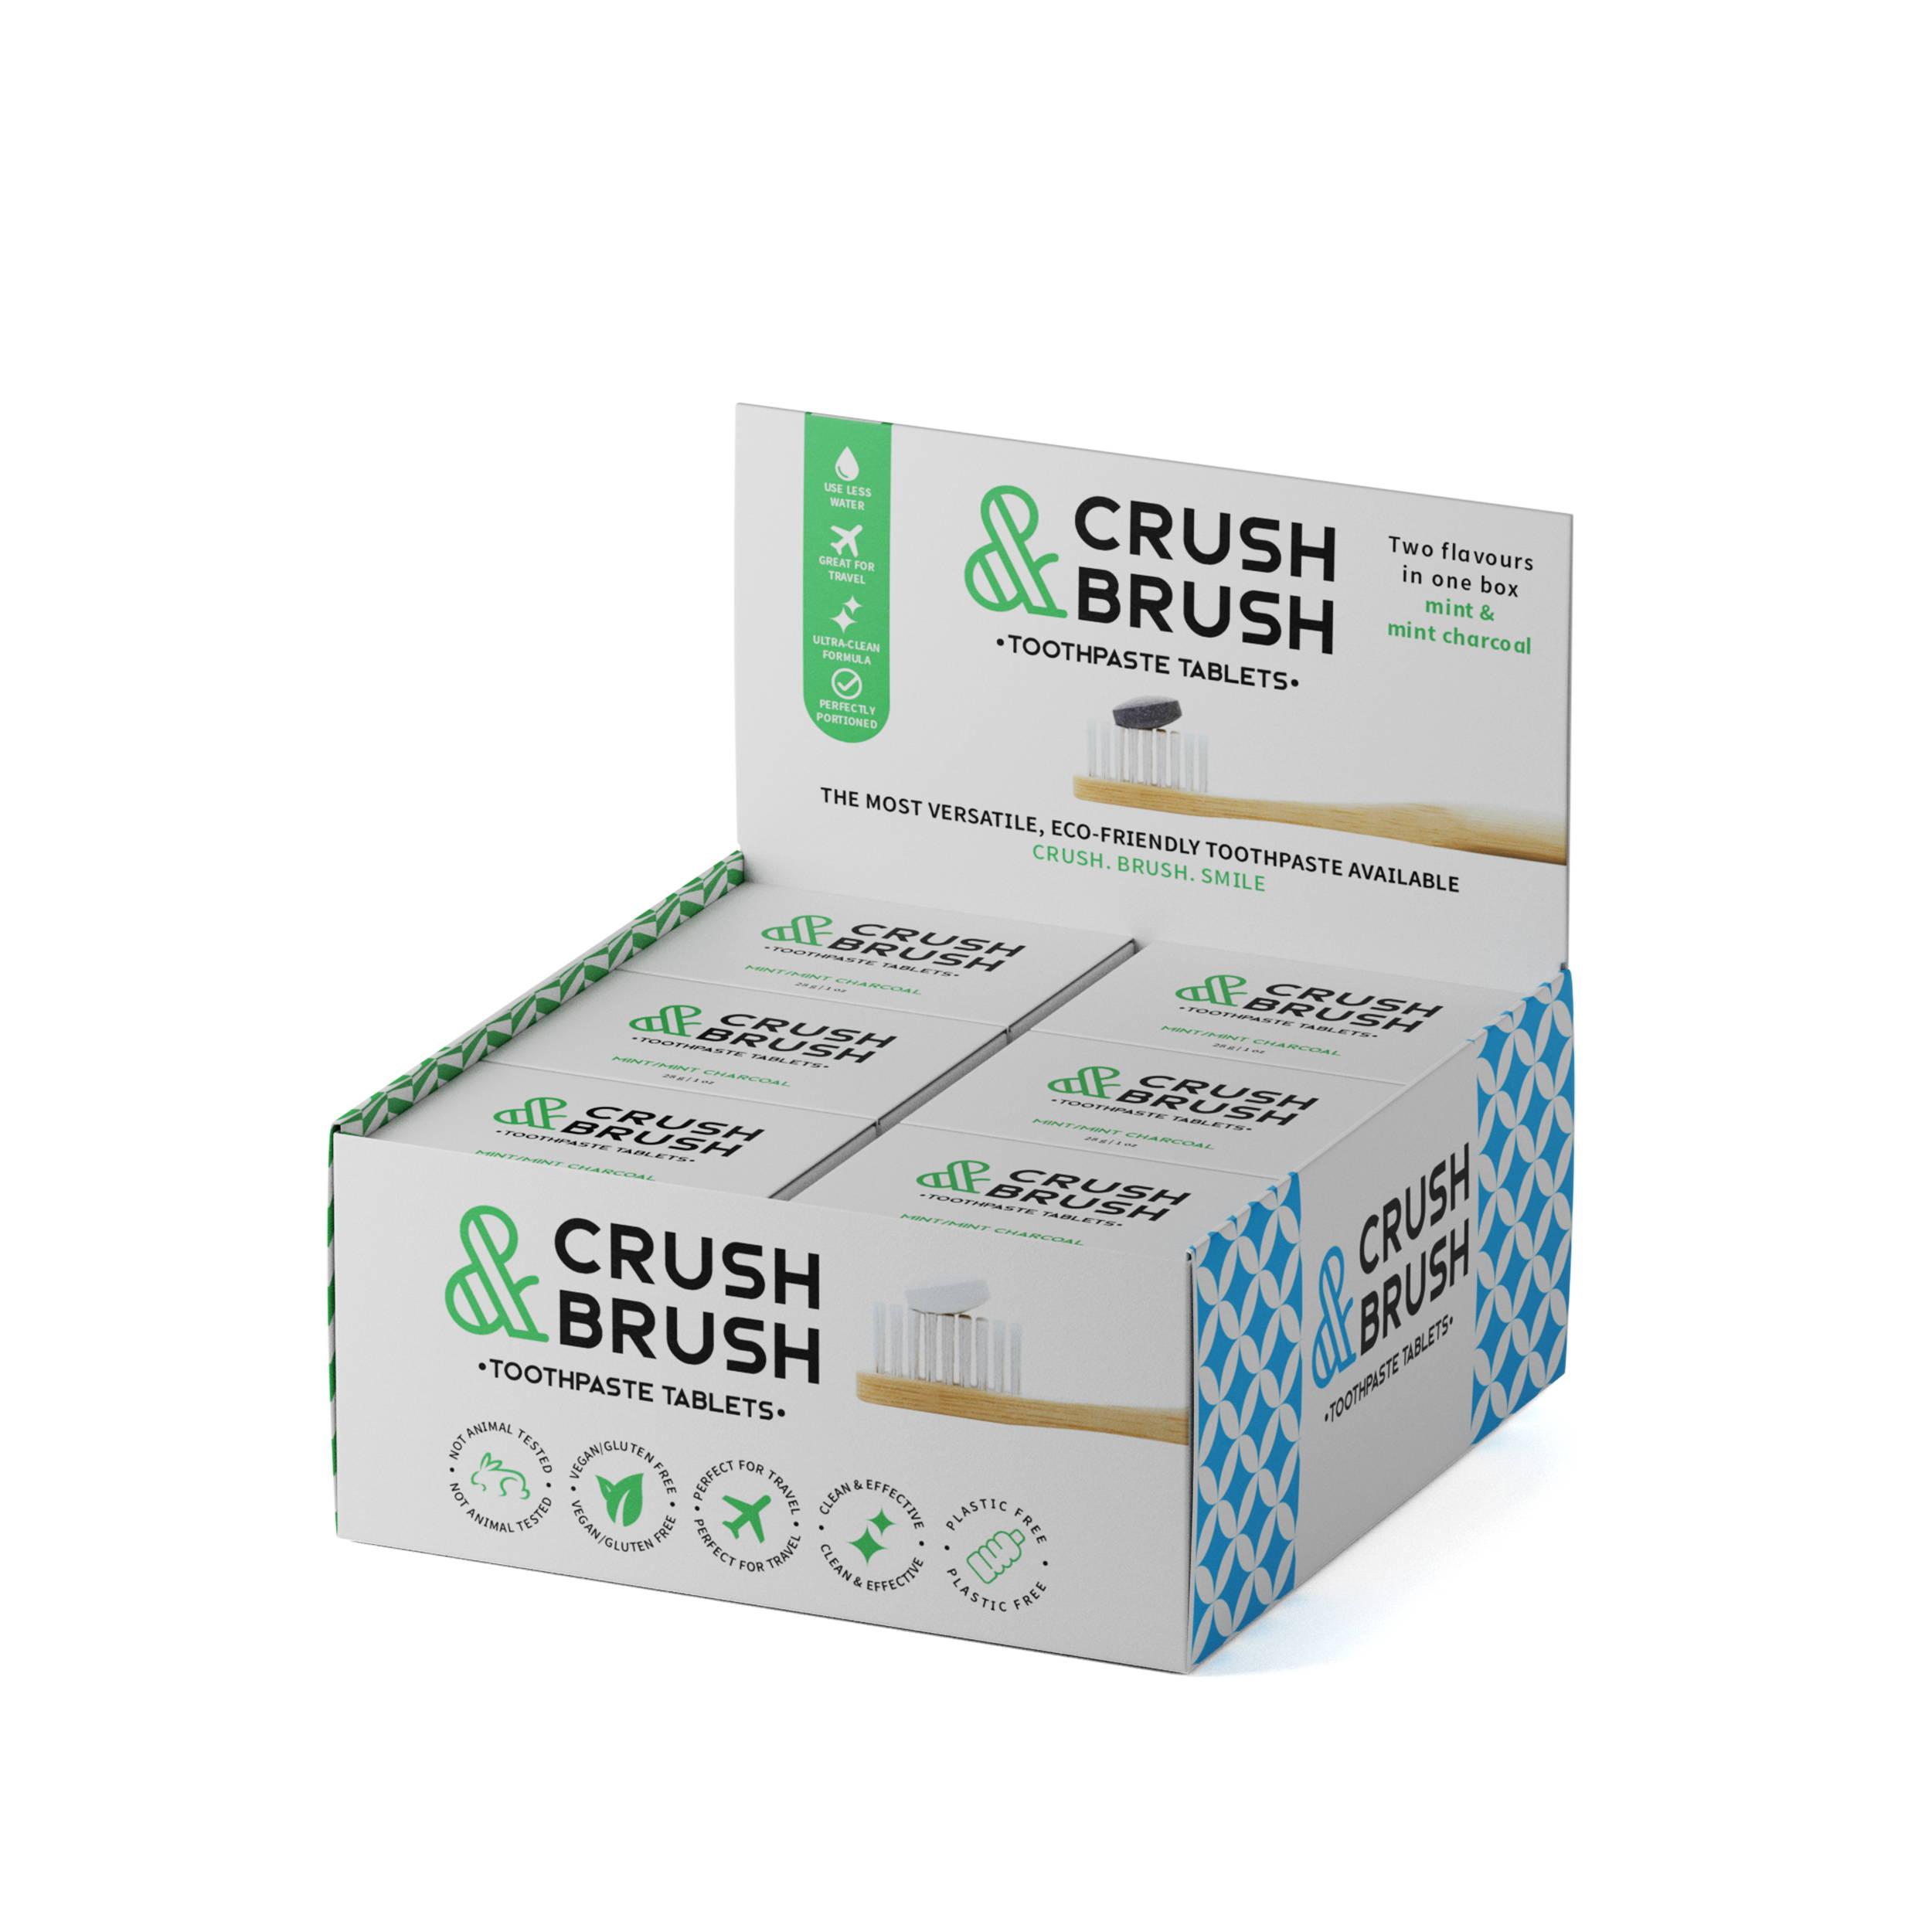 CRUSH & BRUSH – Nelson Naturals Inc